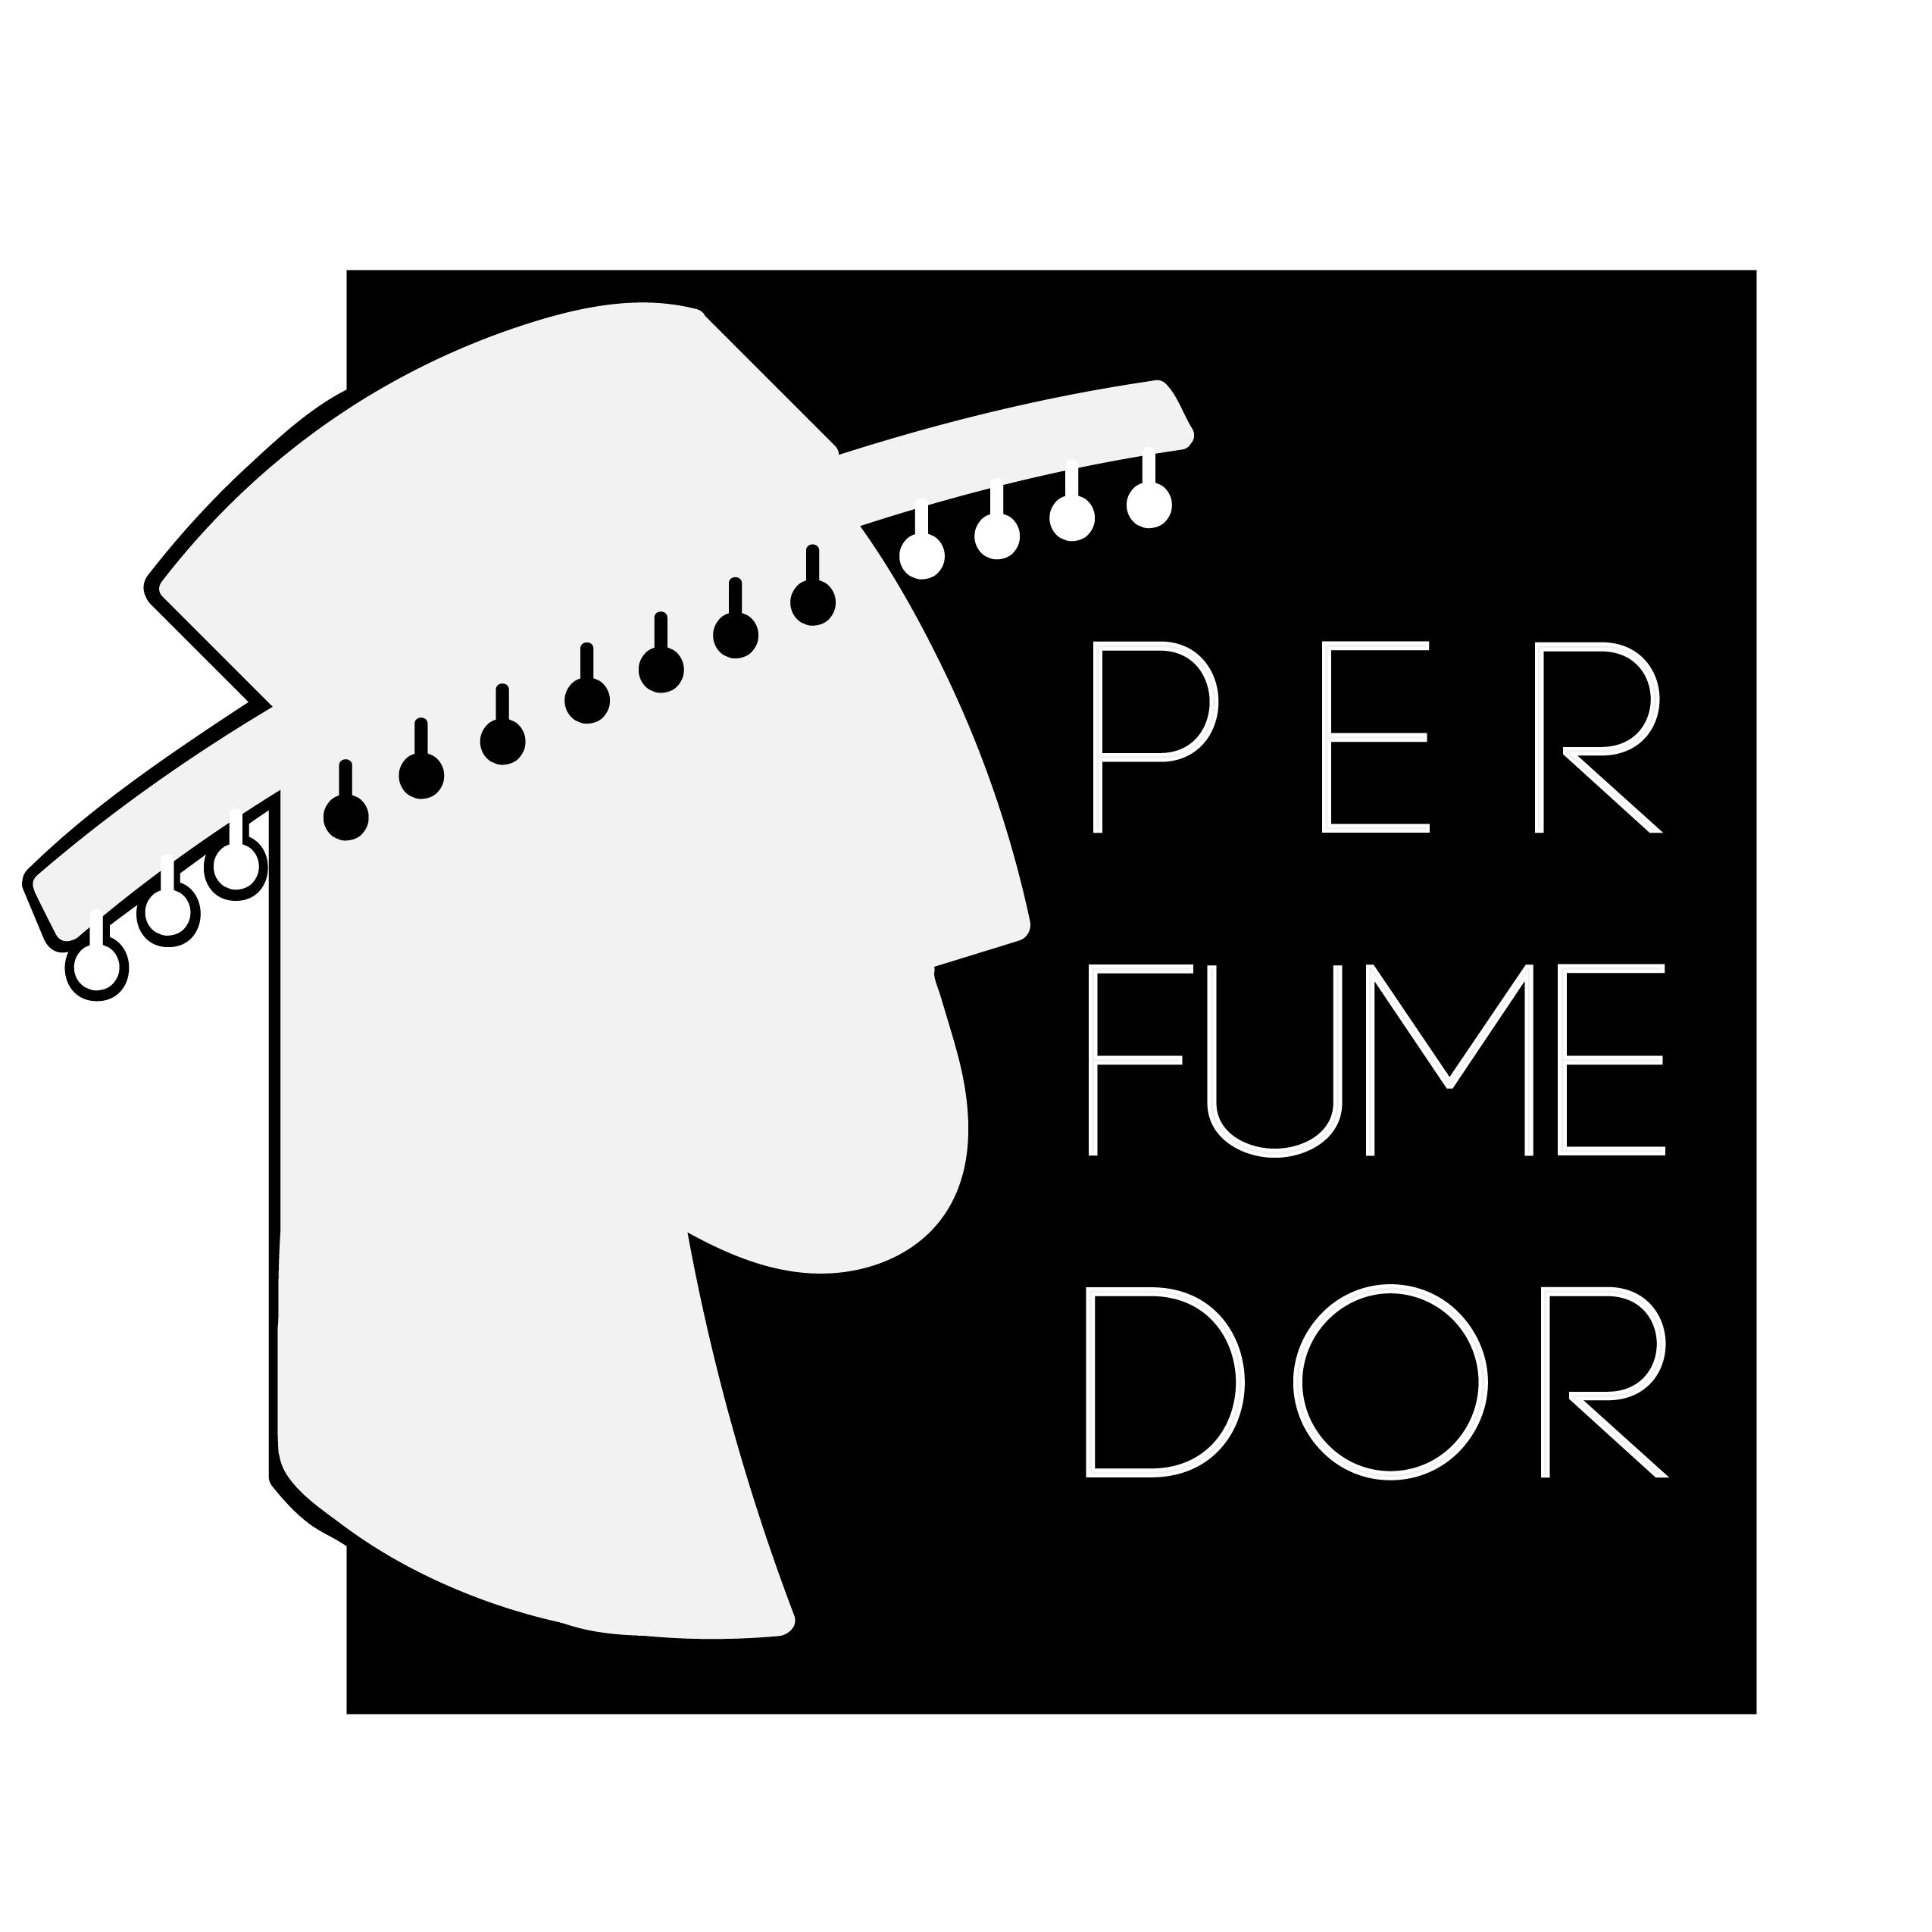 Логотип для интернет-магазина парфюмерии фото f_3745b448d29b90f6.png